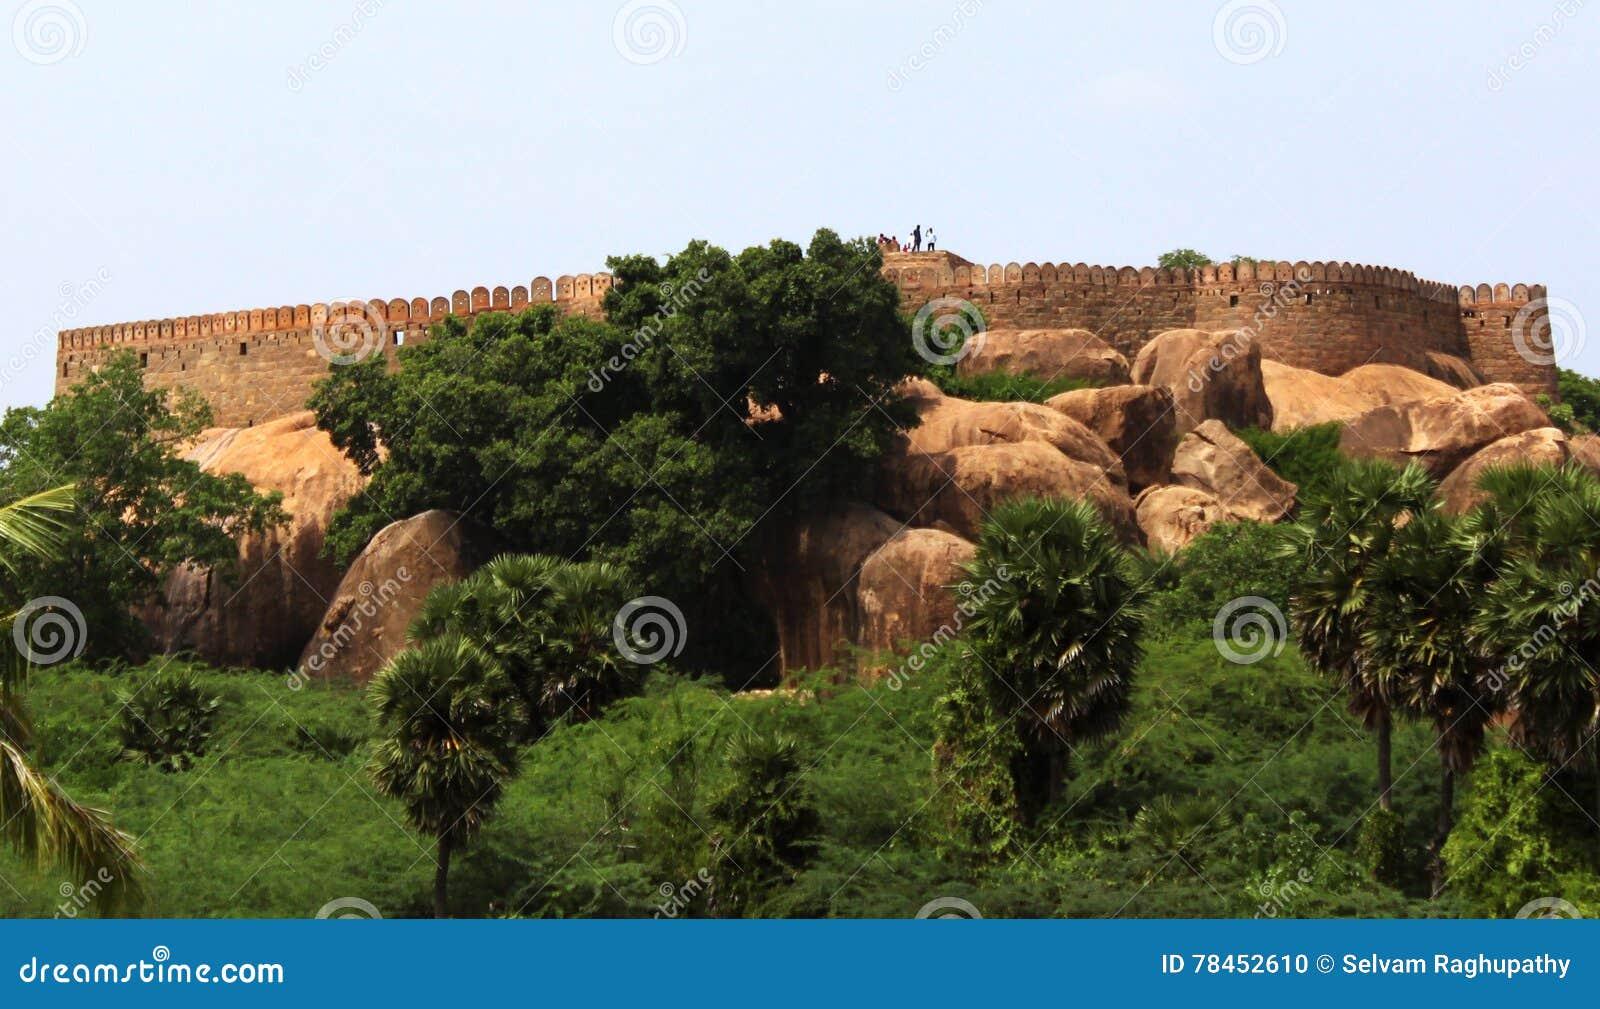 Tirumayam fort